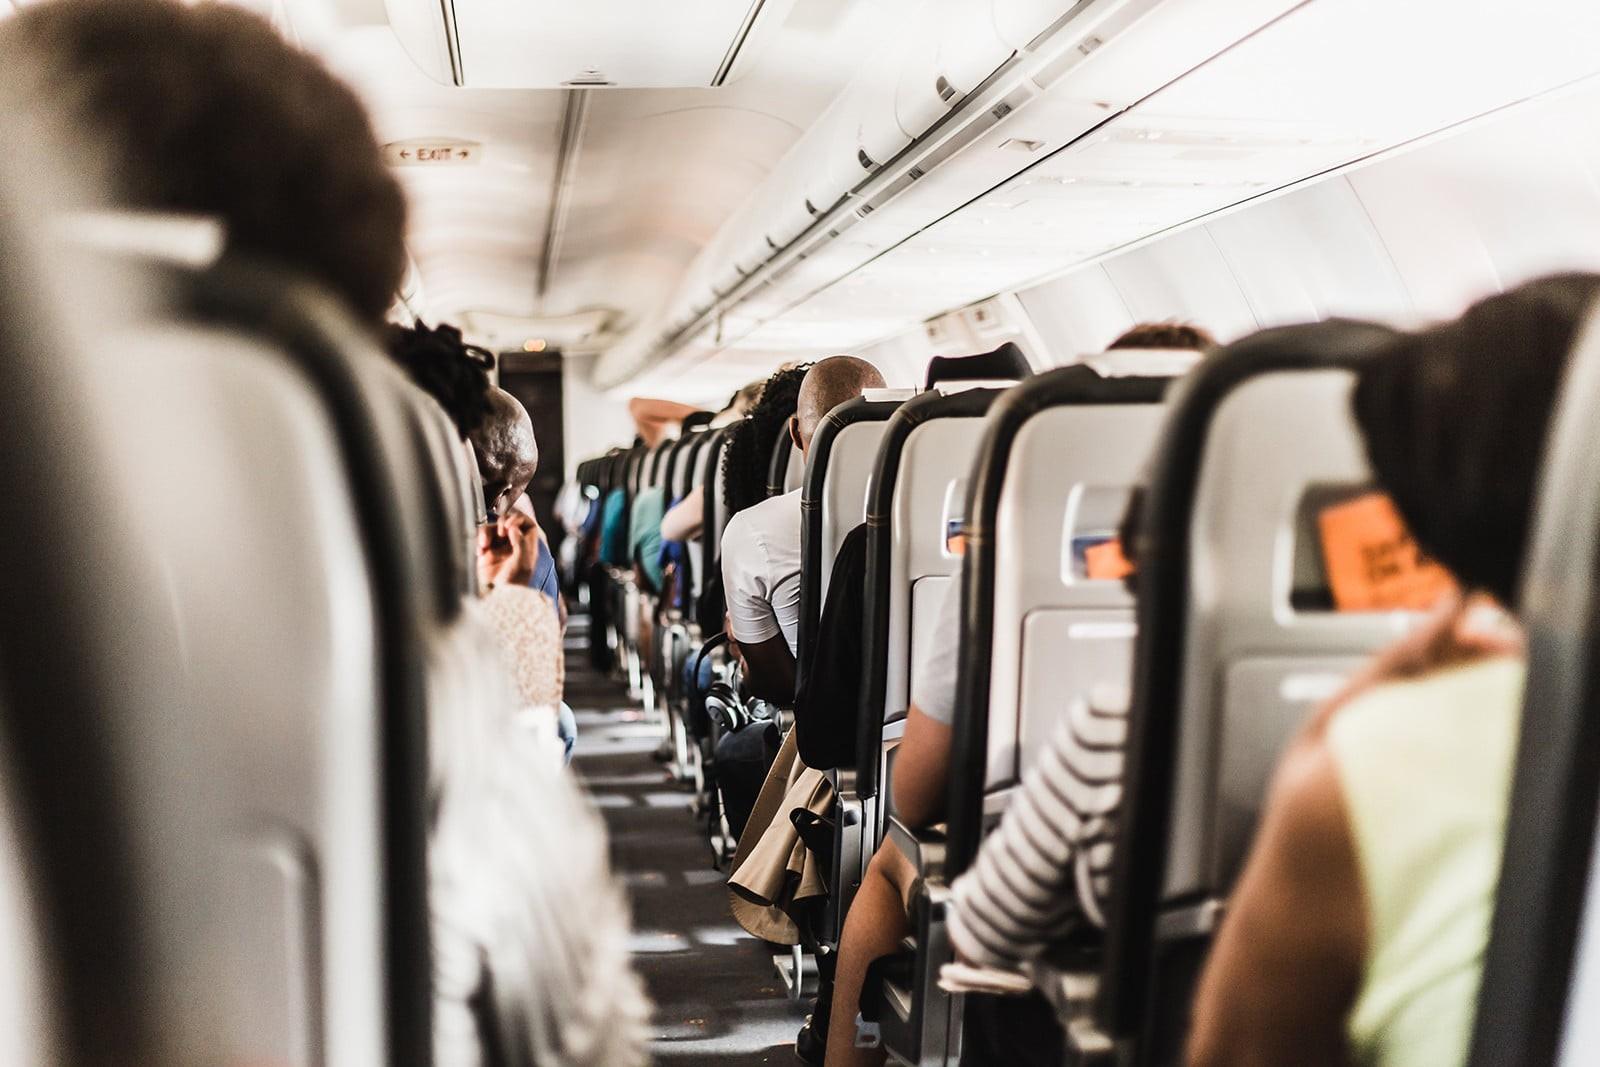 """Đi máy bay nhiều nhưng bạn có biết lý do hàng ghế 2A và 19F luôn """"đắt khách"""" nhất trong mỗi chuyến bay chưa? - Ảnh 1."""